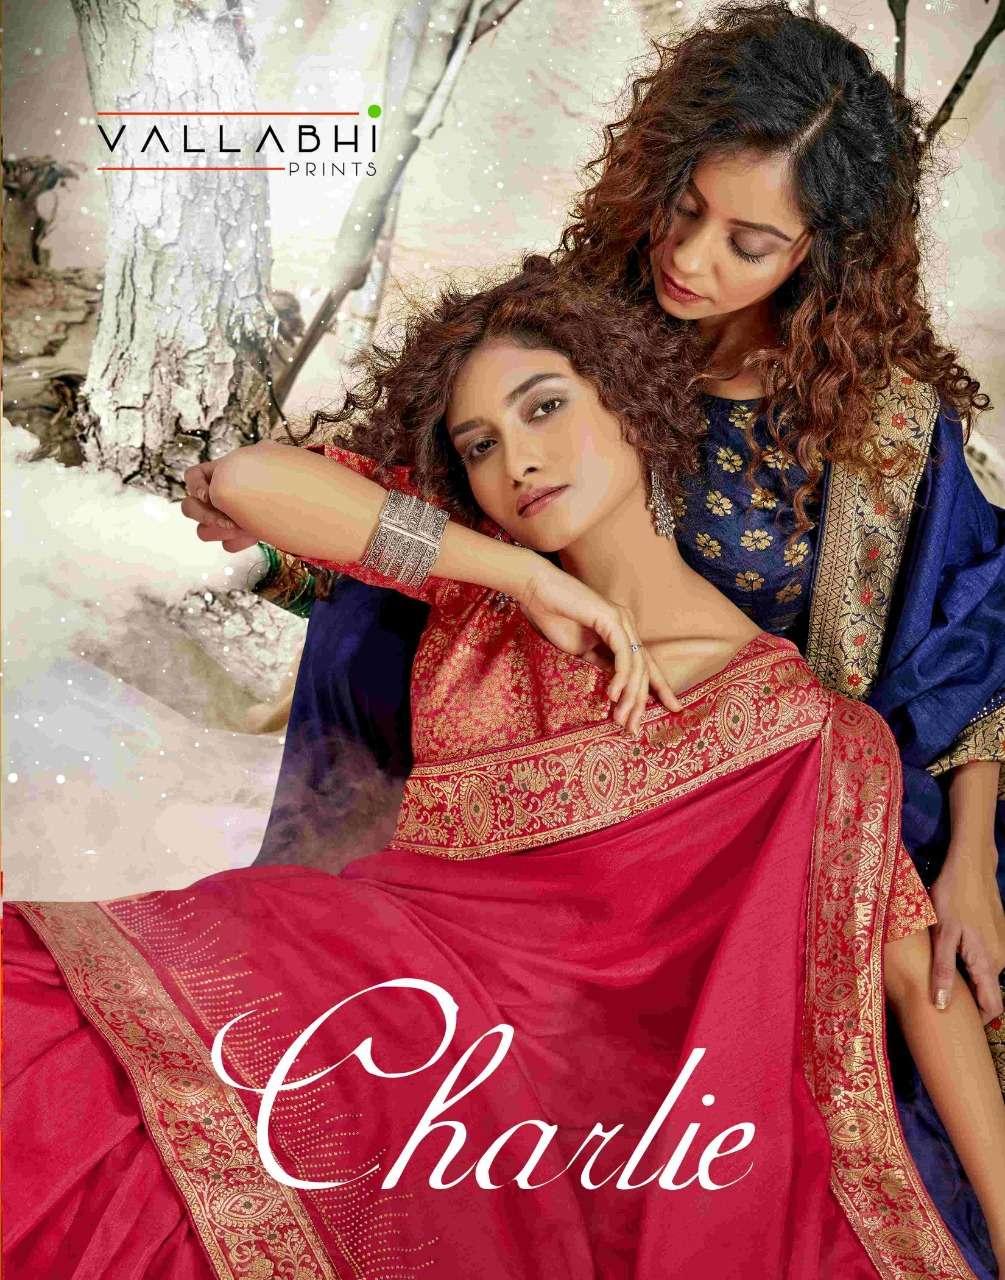 charlie by vallabhi designer vichitra silk ethnic wear fancy saree